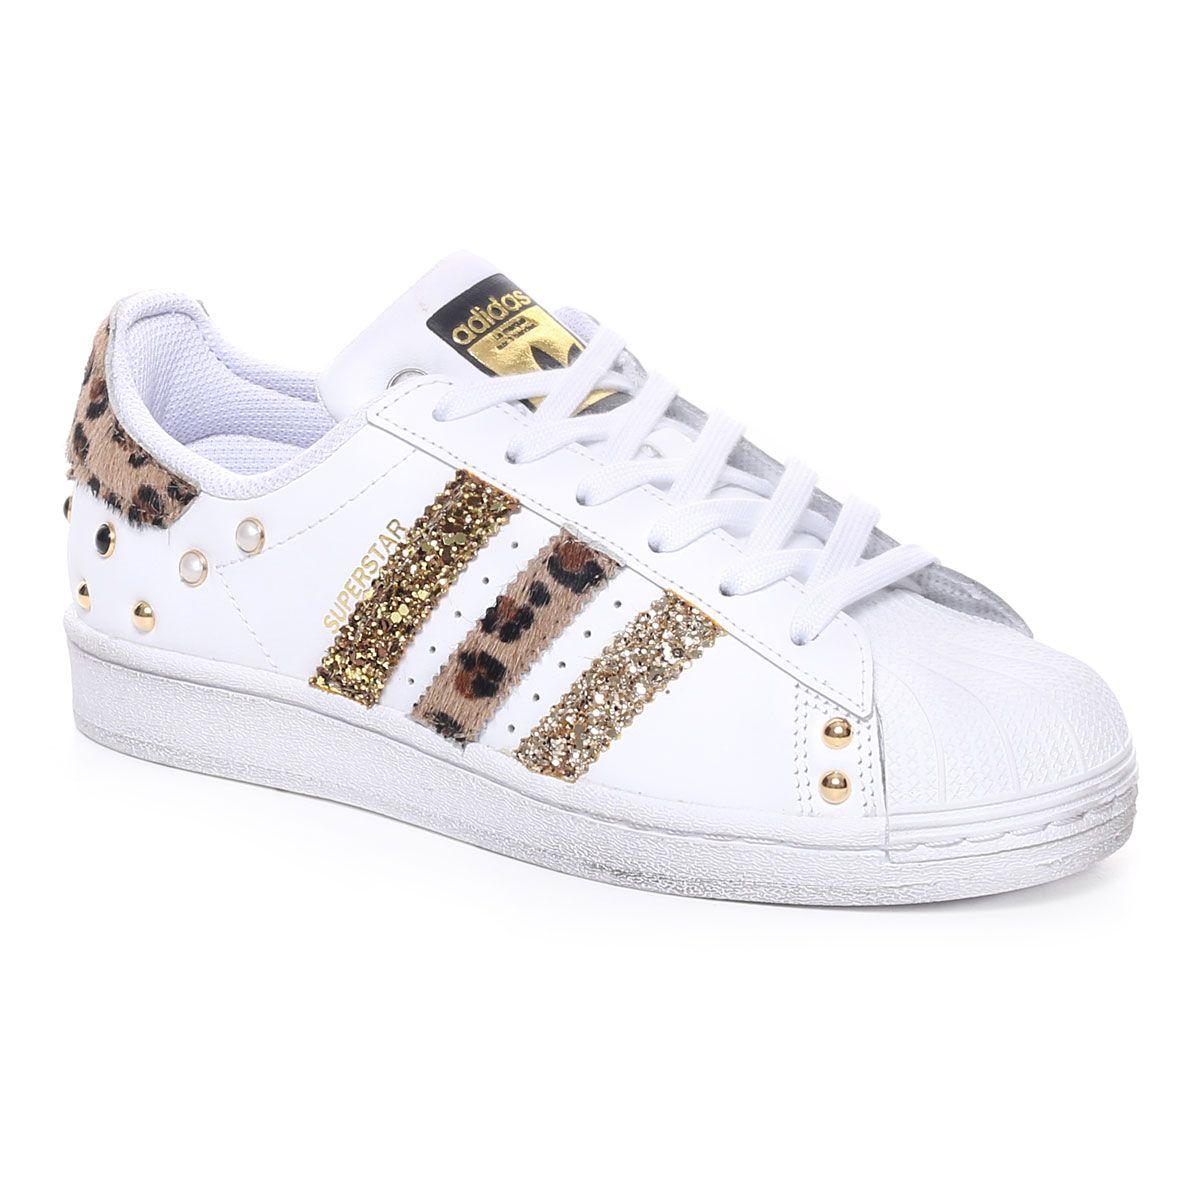 adidas Superstar Luxury Leopard Donna Bianco Oro